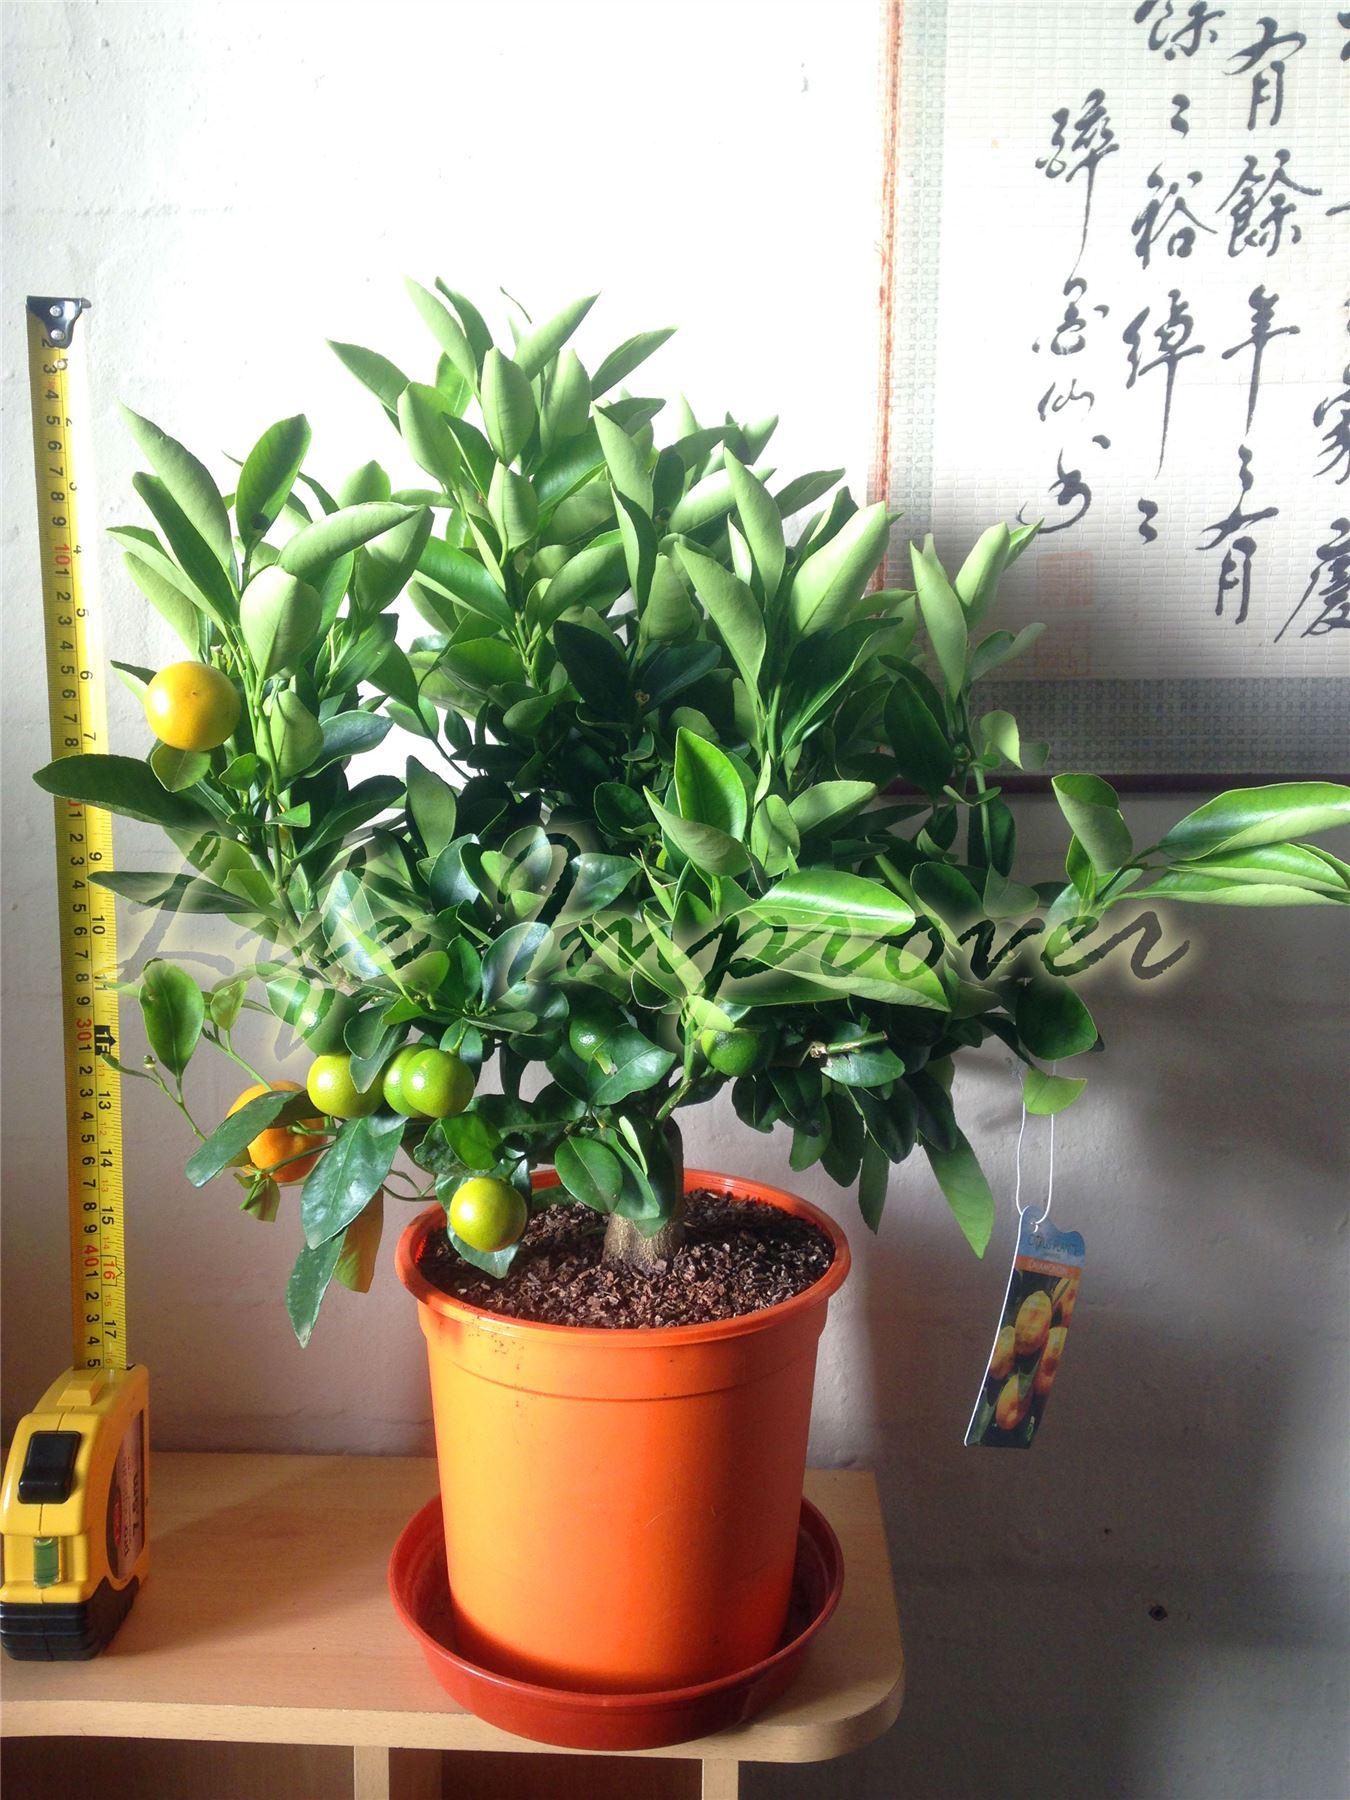 1 Dwarf Standing Calamondin Citrus Orange Fruit Tree